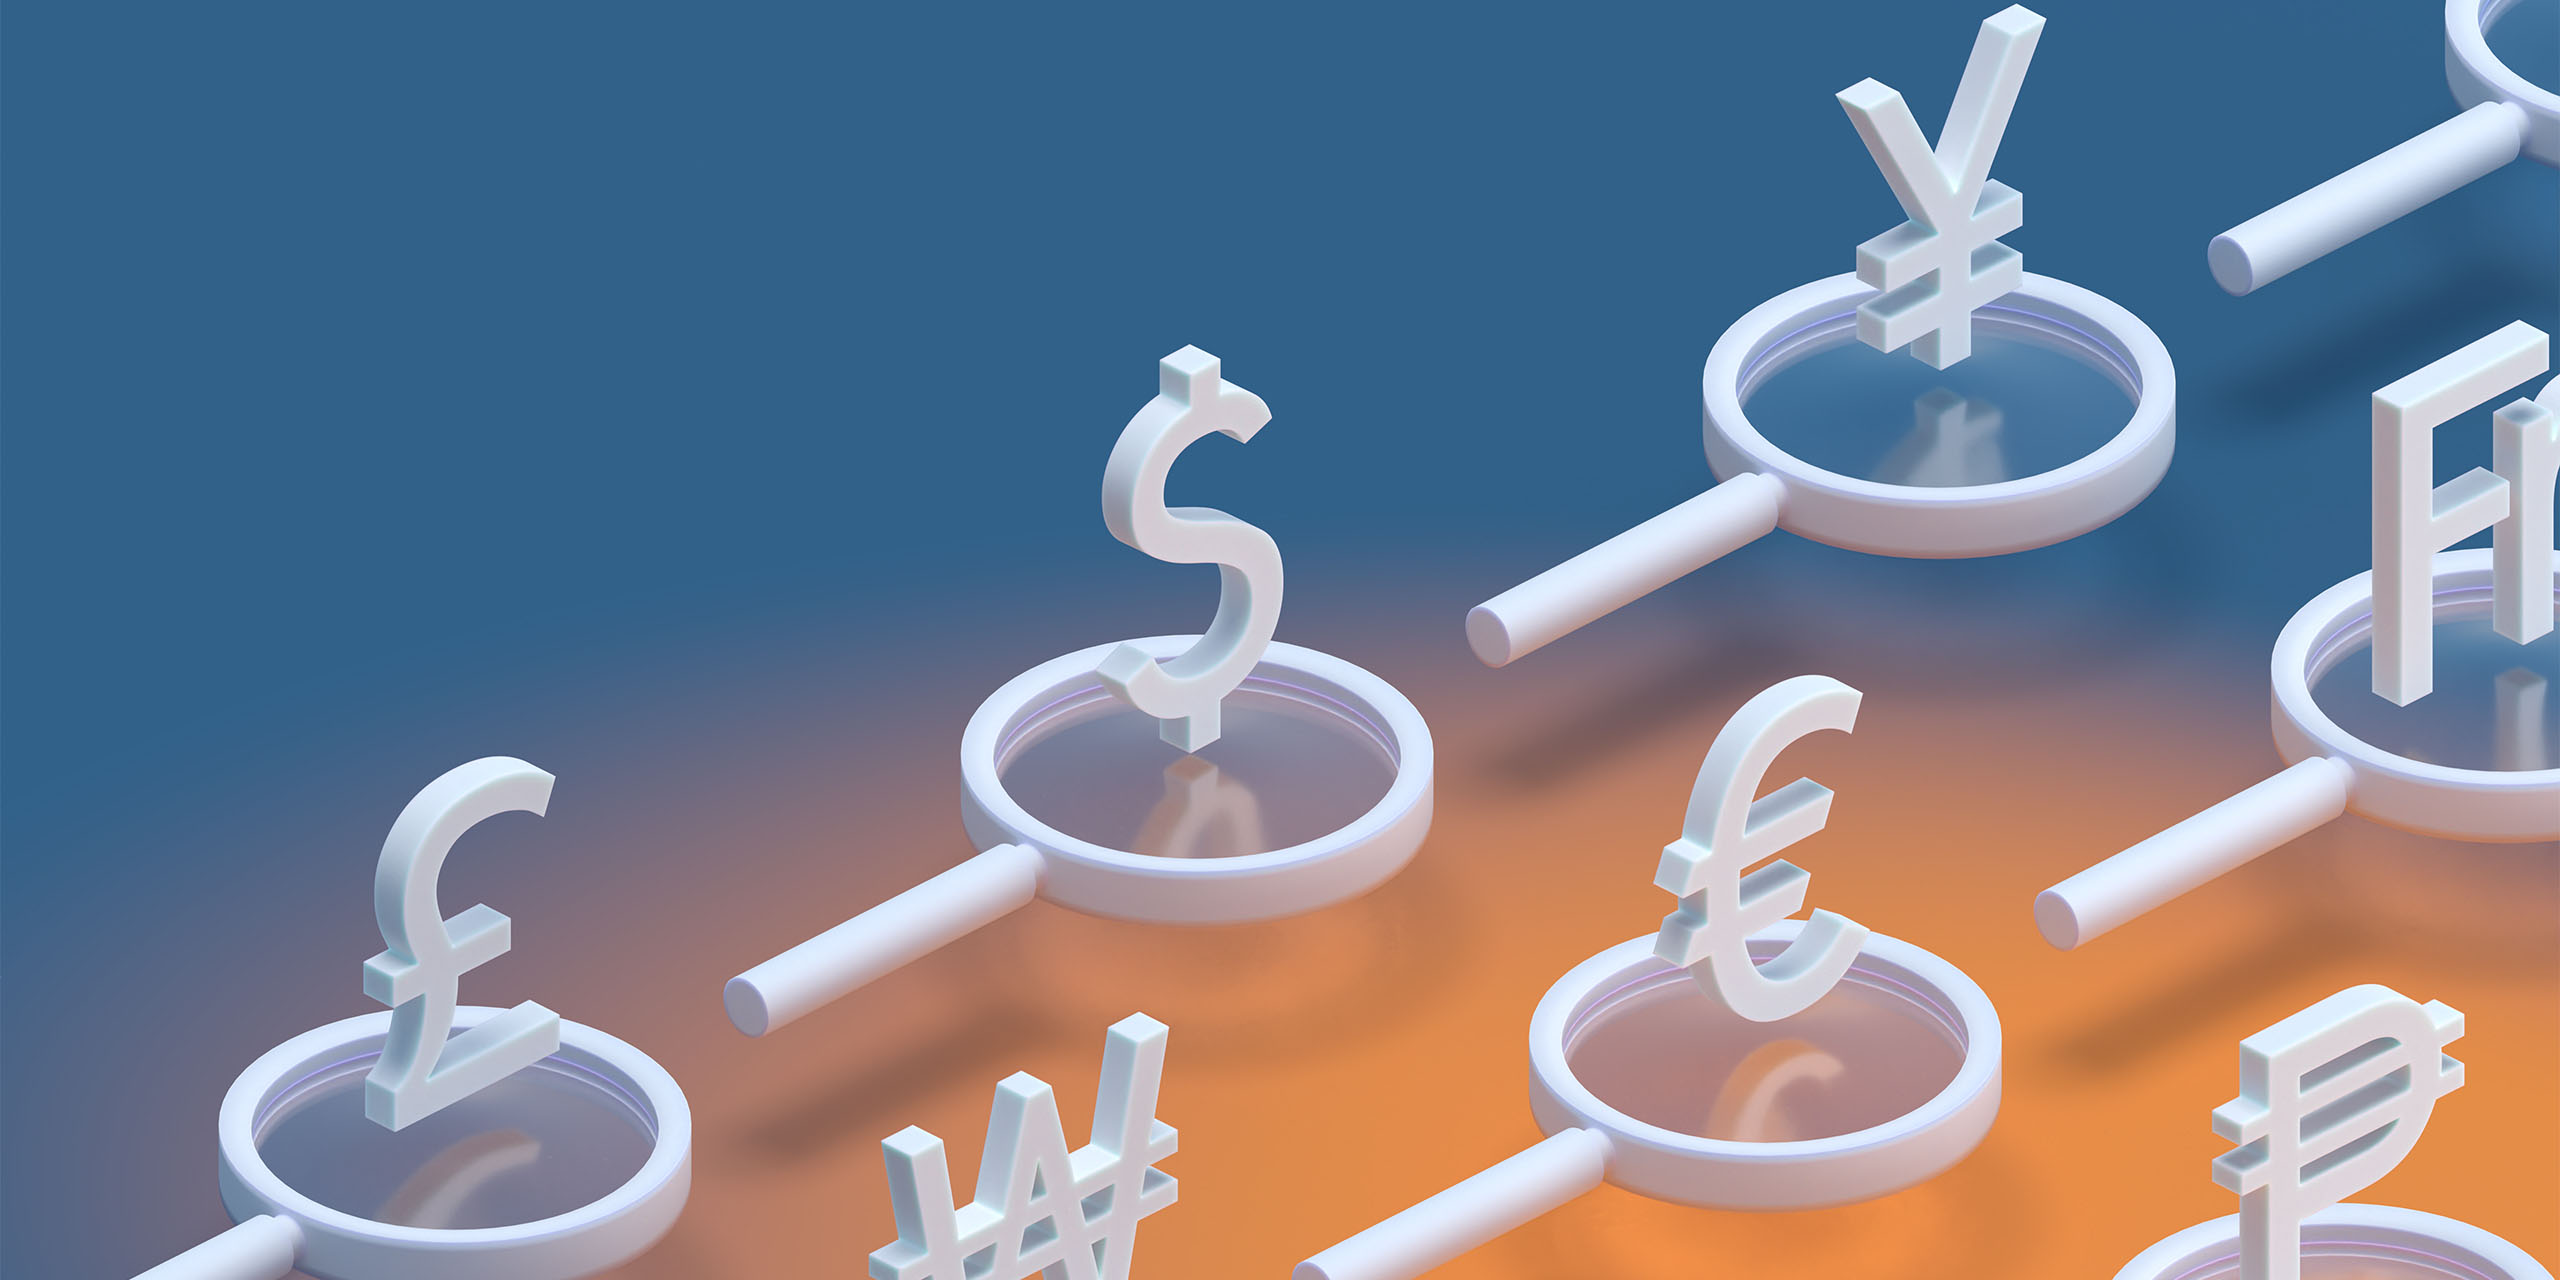 Fintech Regulation in Focus